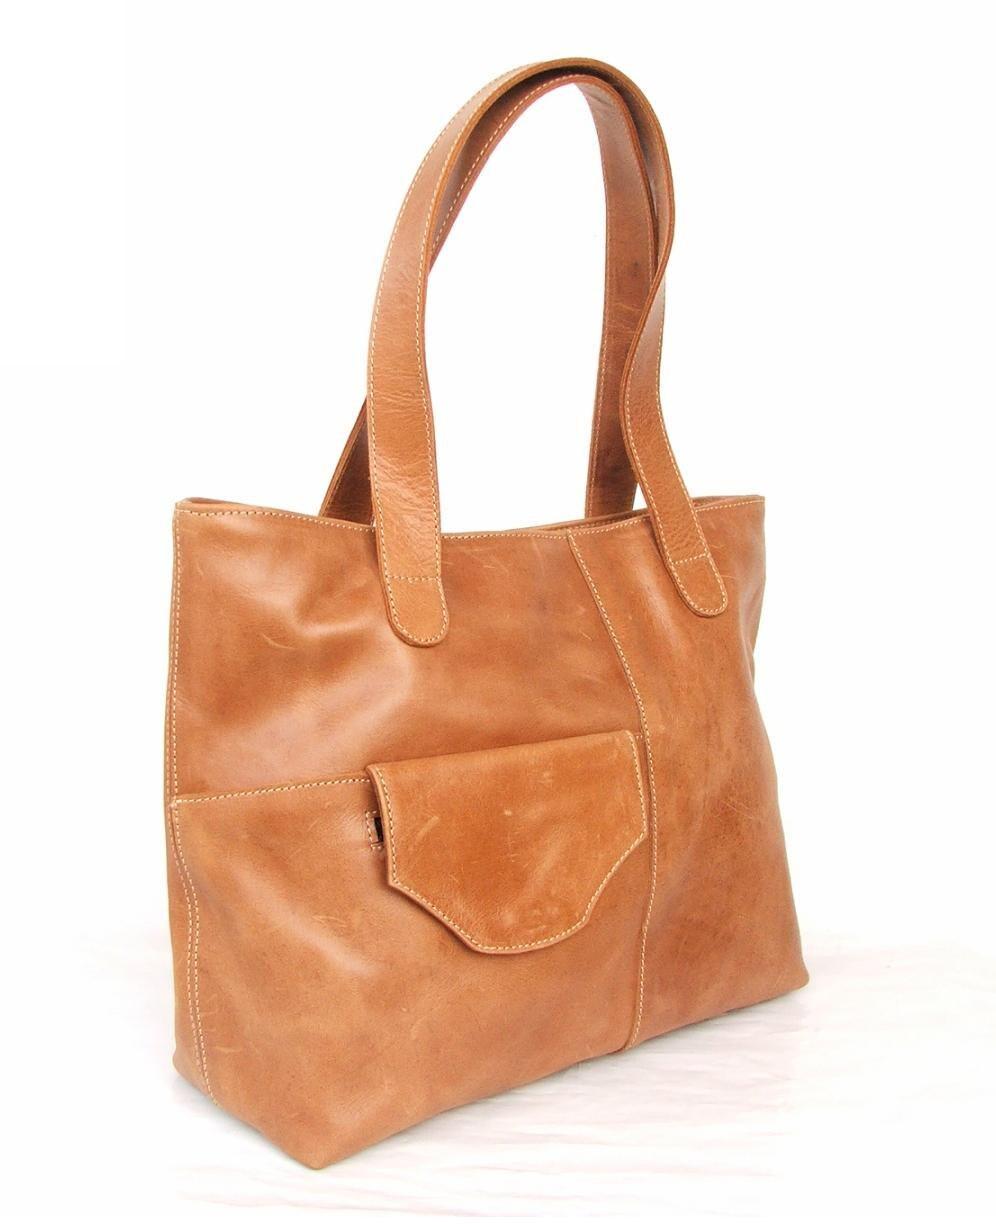 Women's work bag   Etsy